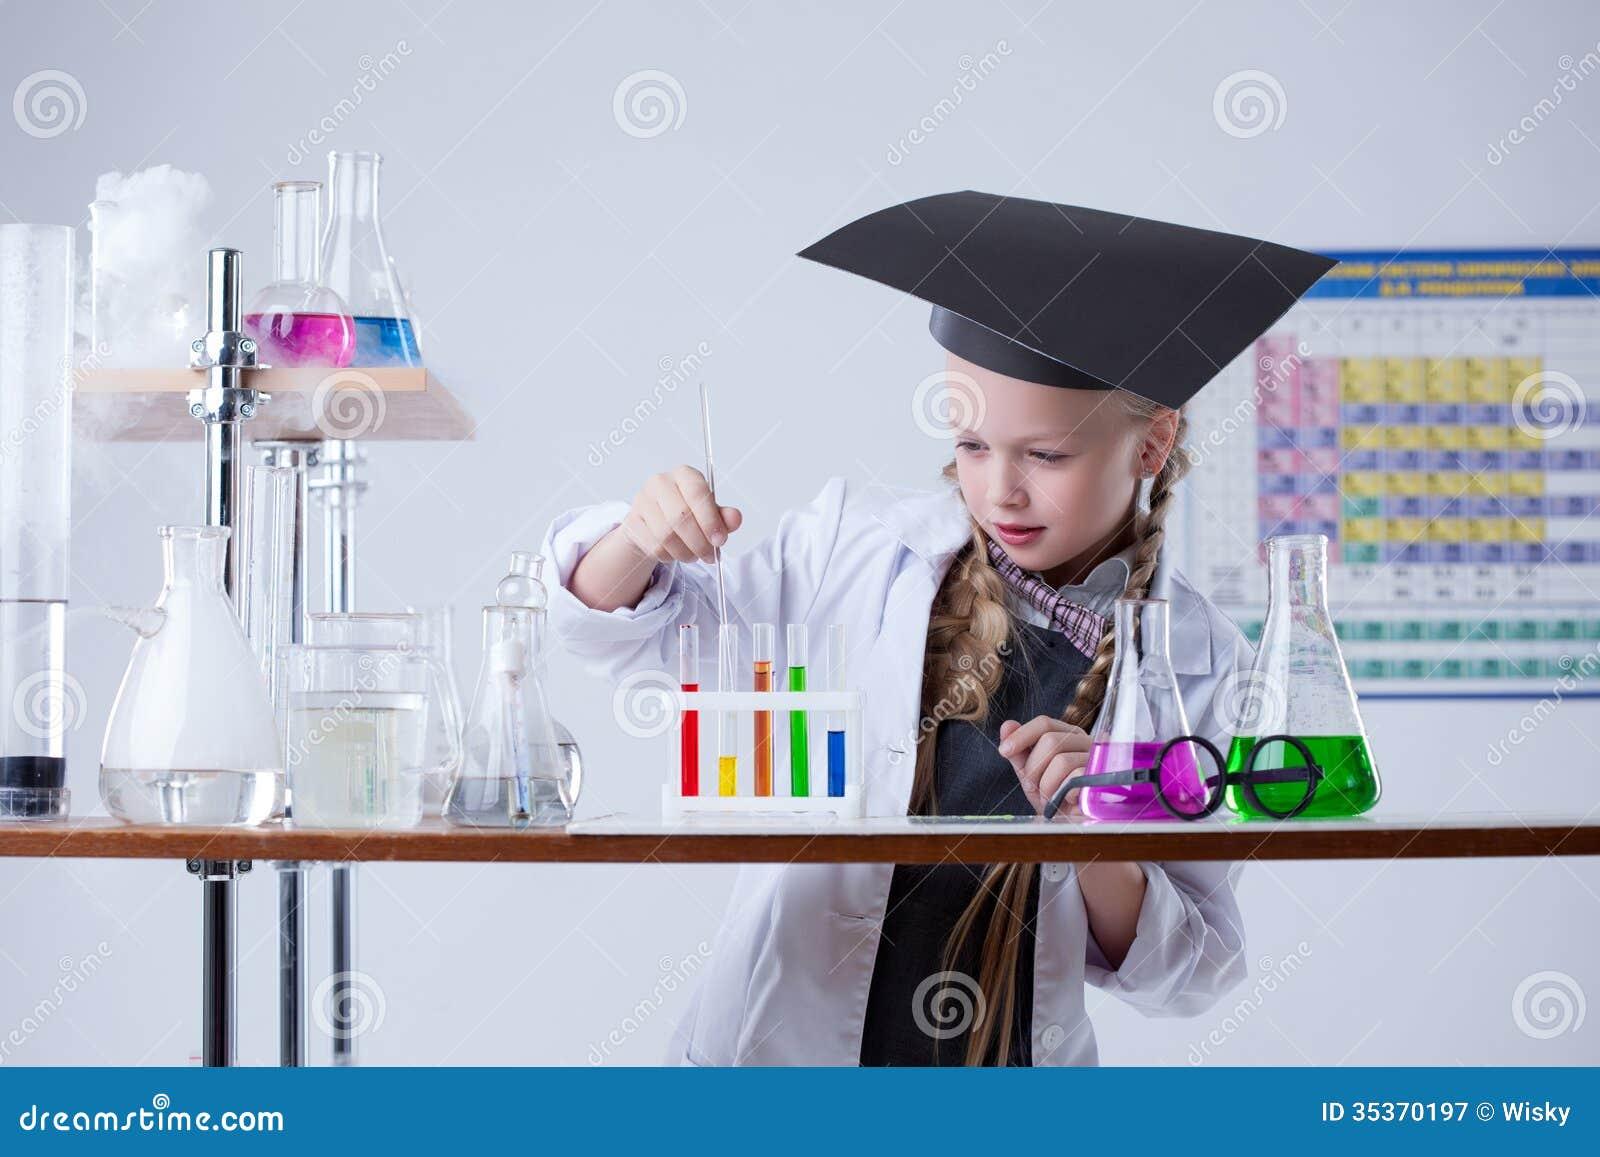 Het beeld van slim meisje mengt reagentia in laboratorium royalty vrije stock fotografie - Beeld het meisje van ...